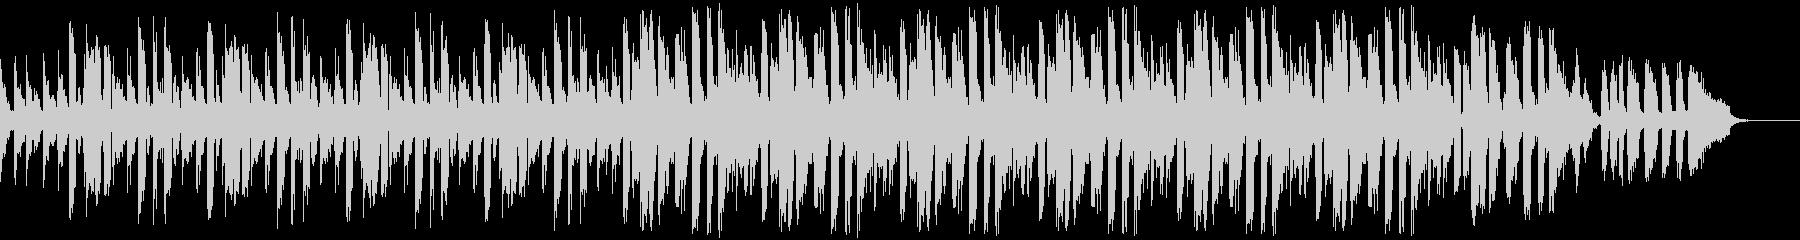 ハイテンポスウィングドラム抜きverの未再生の波形